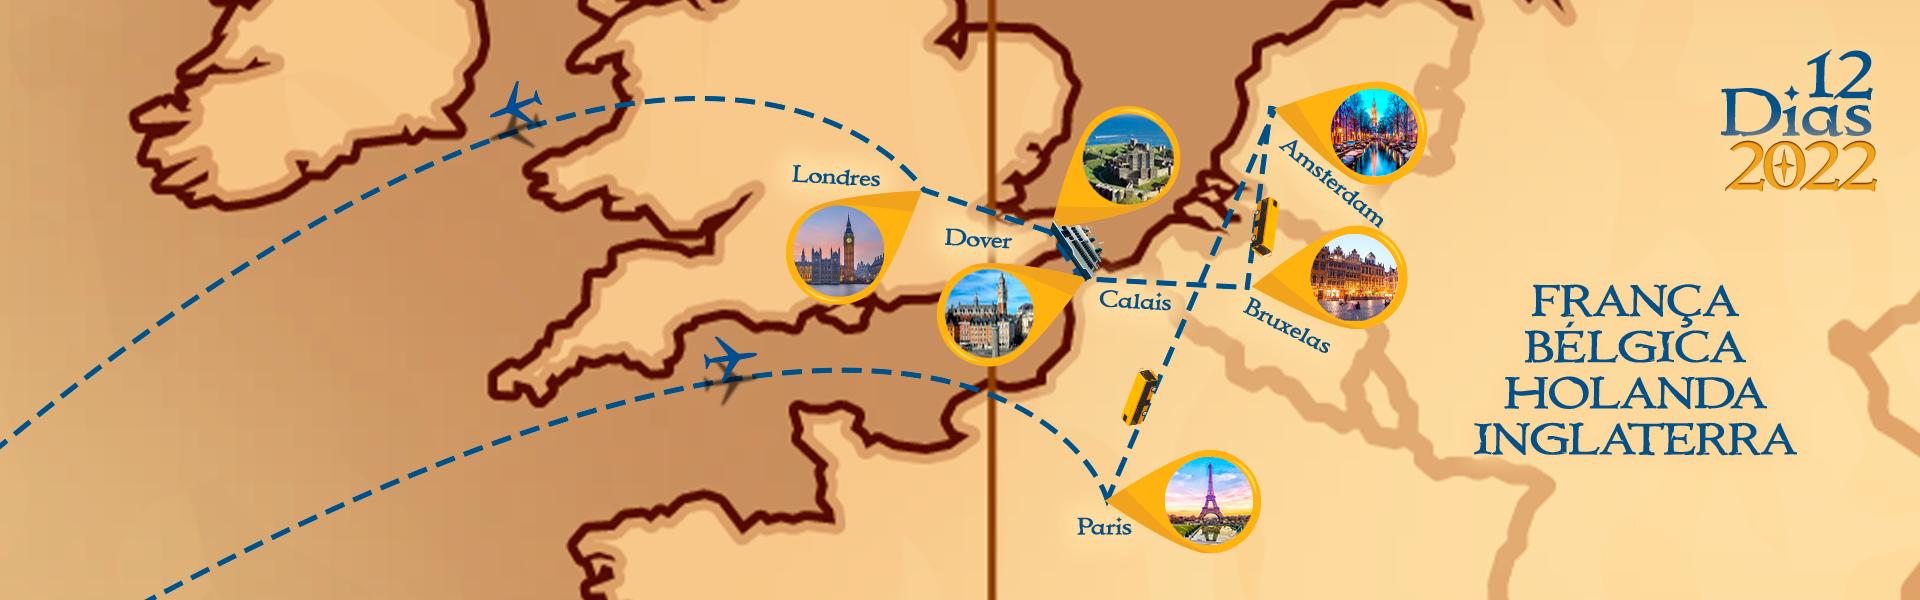 Roteiro de França, Bélgica, Holanda e Inglaterra